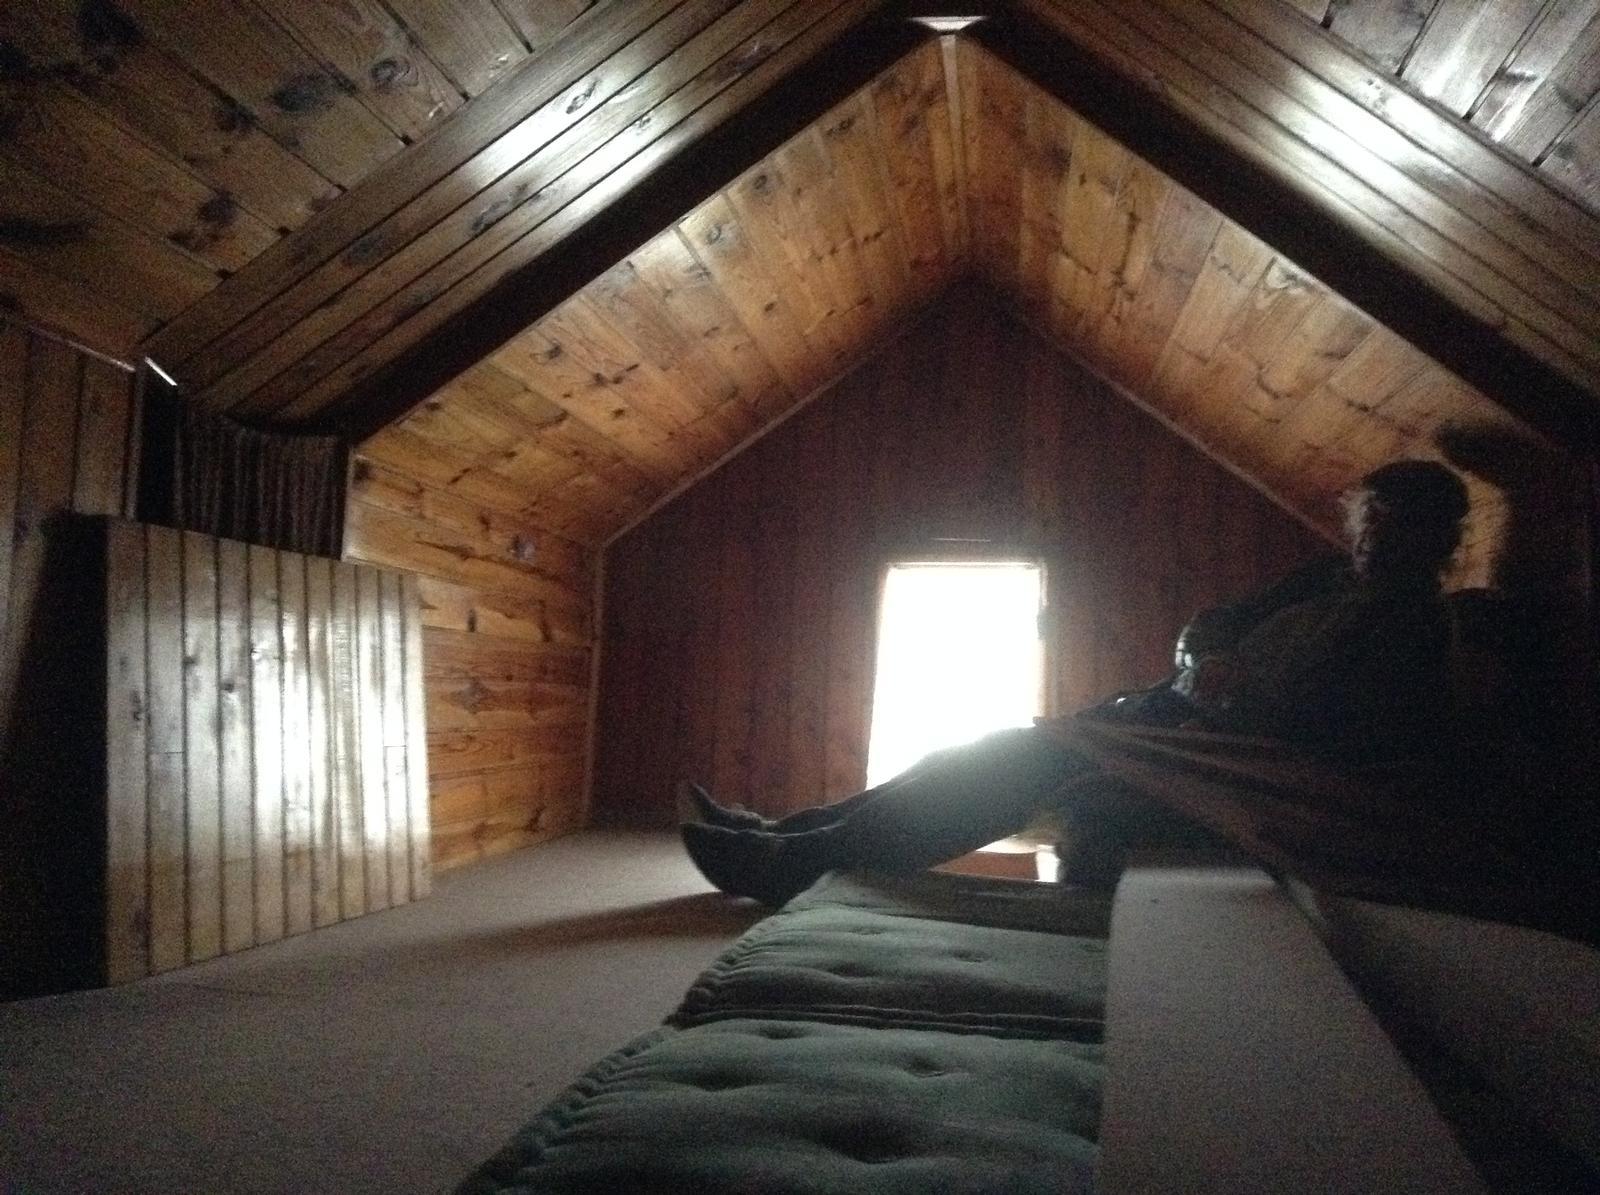 """""""Domček"""" - Takto podkrovie vyzeralo pôvodne....  To tmavé drevo sa na mňa valilo zo všetkých strán..."""